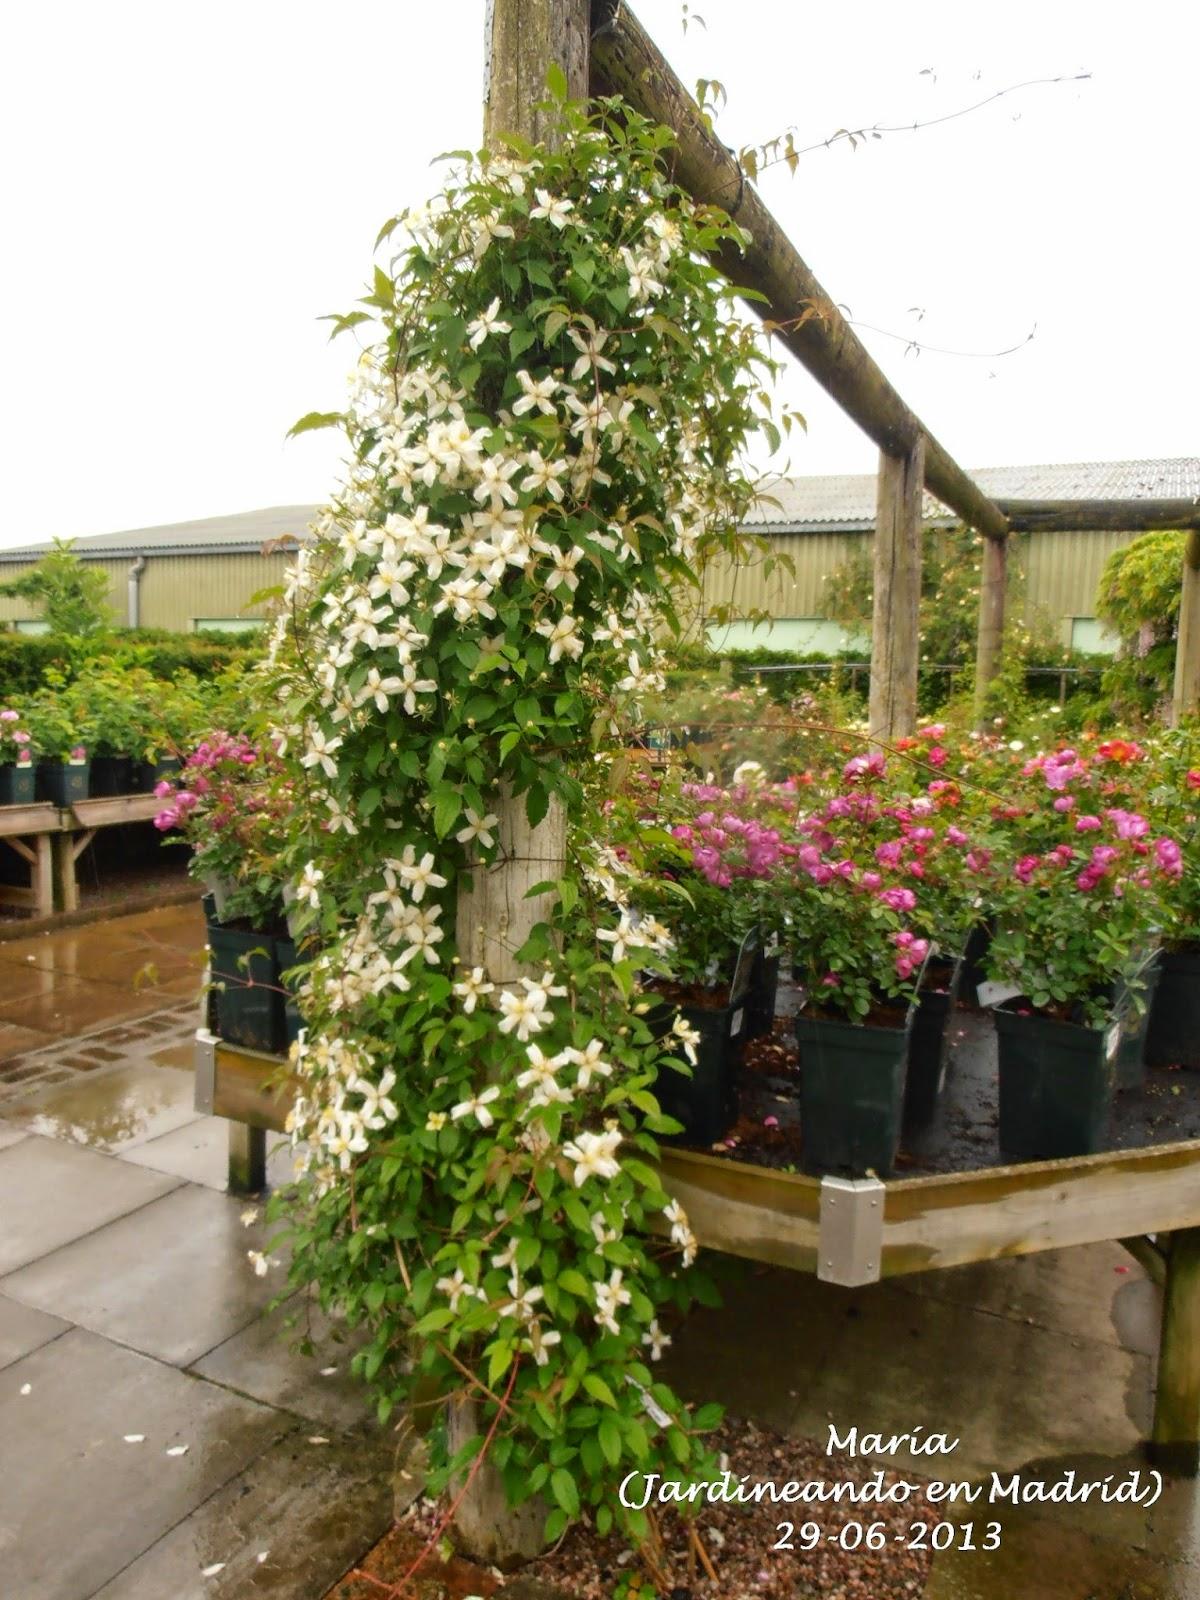 El jard n de la alegr a david austin roses garden en albrighton inglaterra el garden center - Garden center madrid ...